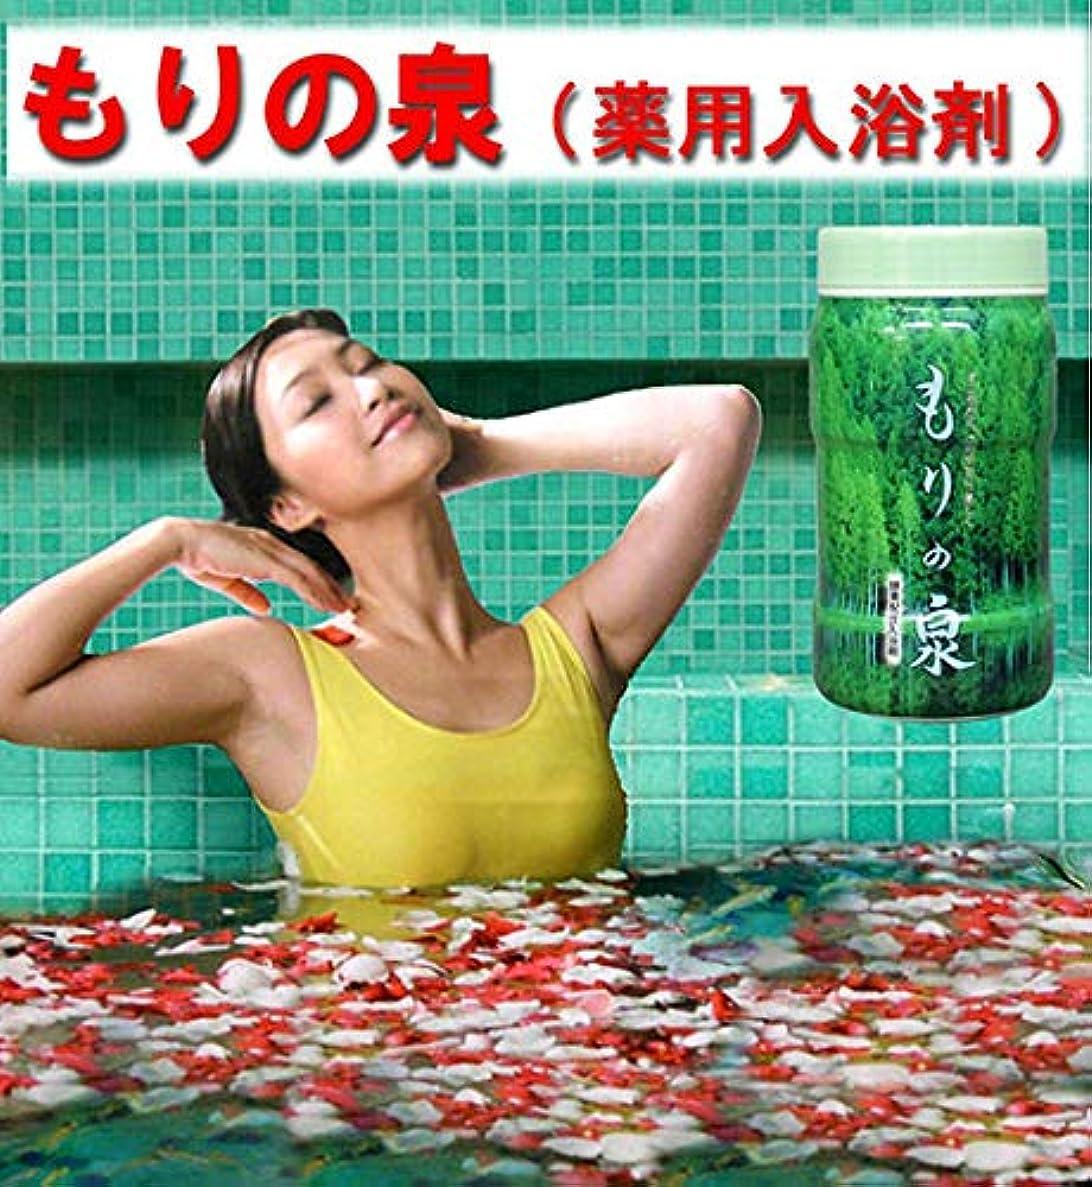 生む洗剤そう酵素入り入浴剤 もりの泉 1本